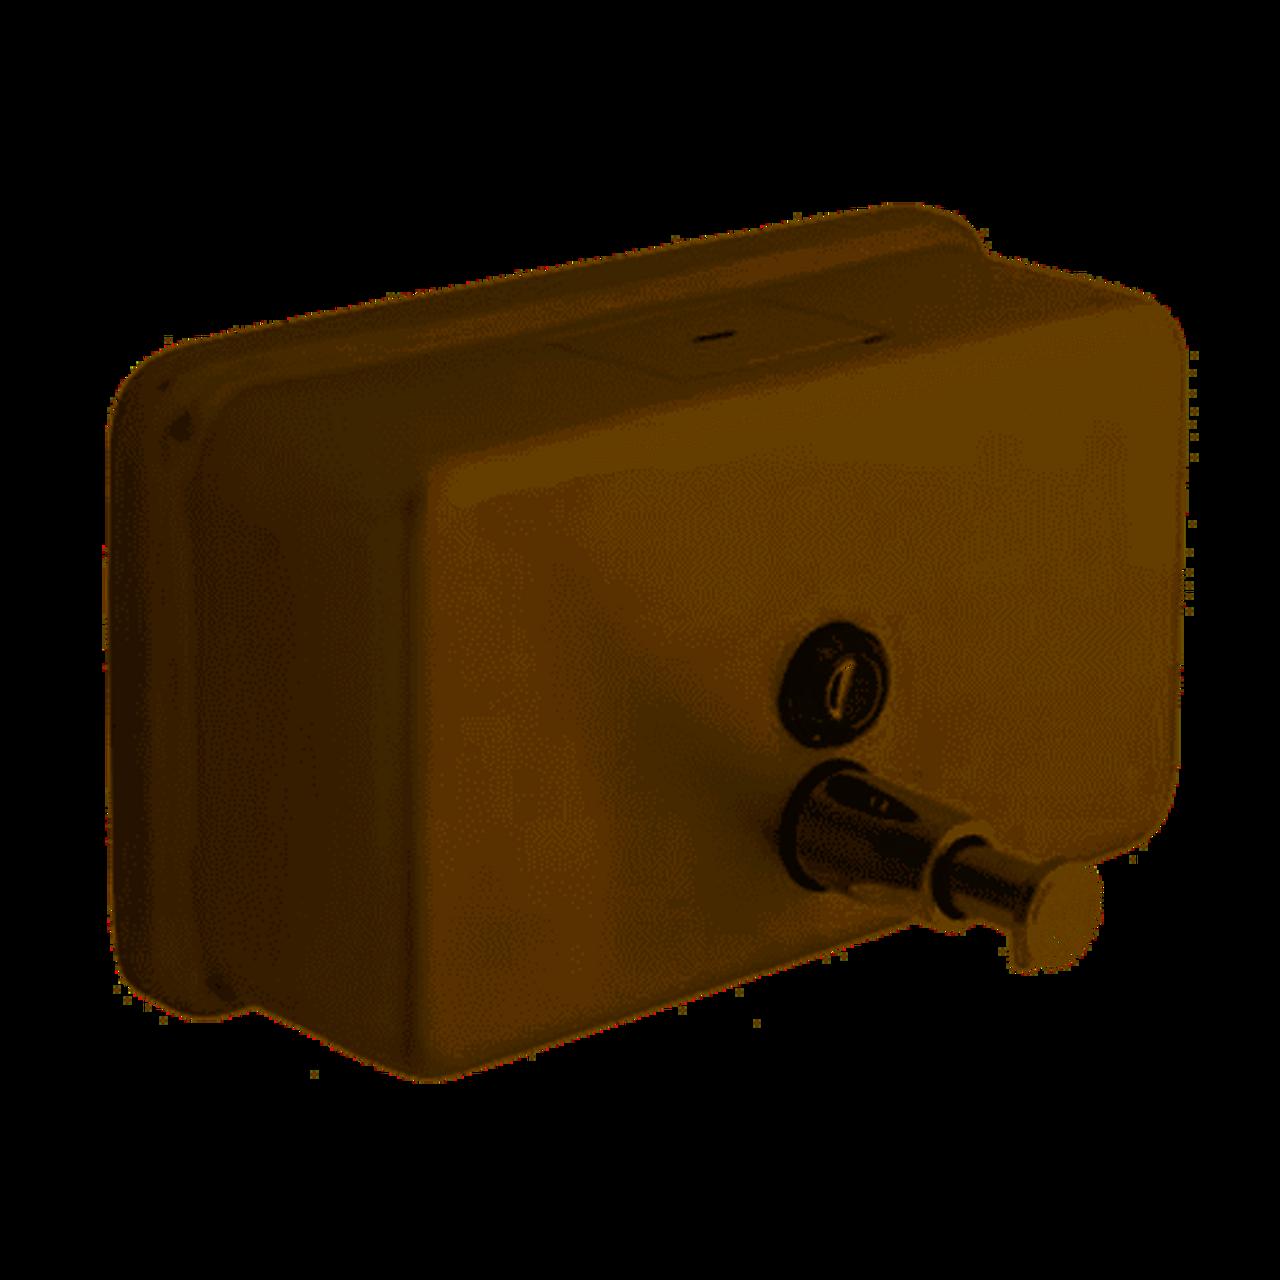 Bath Unlimited 1921 Commercial Surface-Mount Horizontal Liquid Soap Dispenser